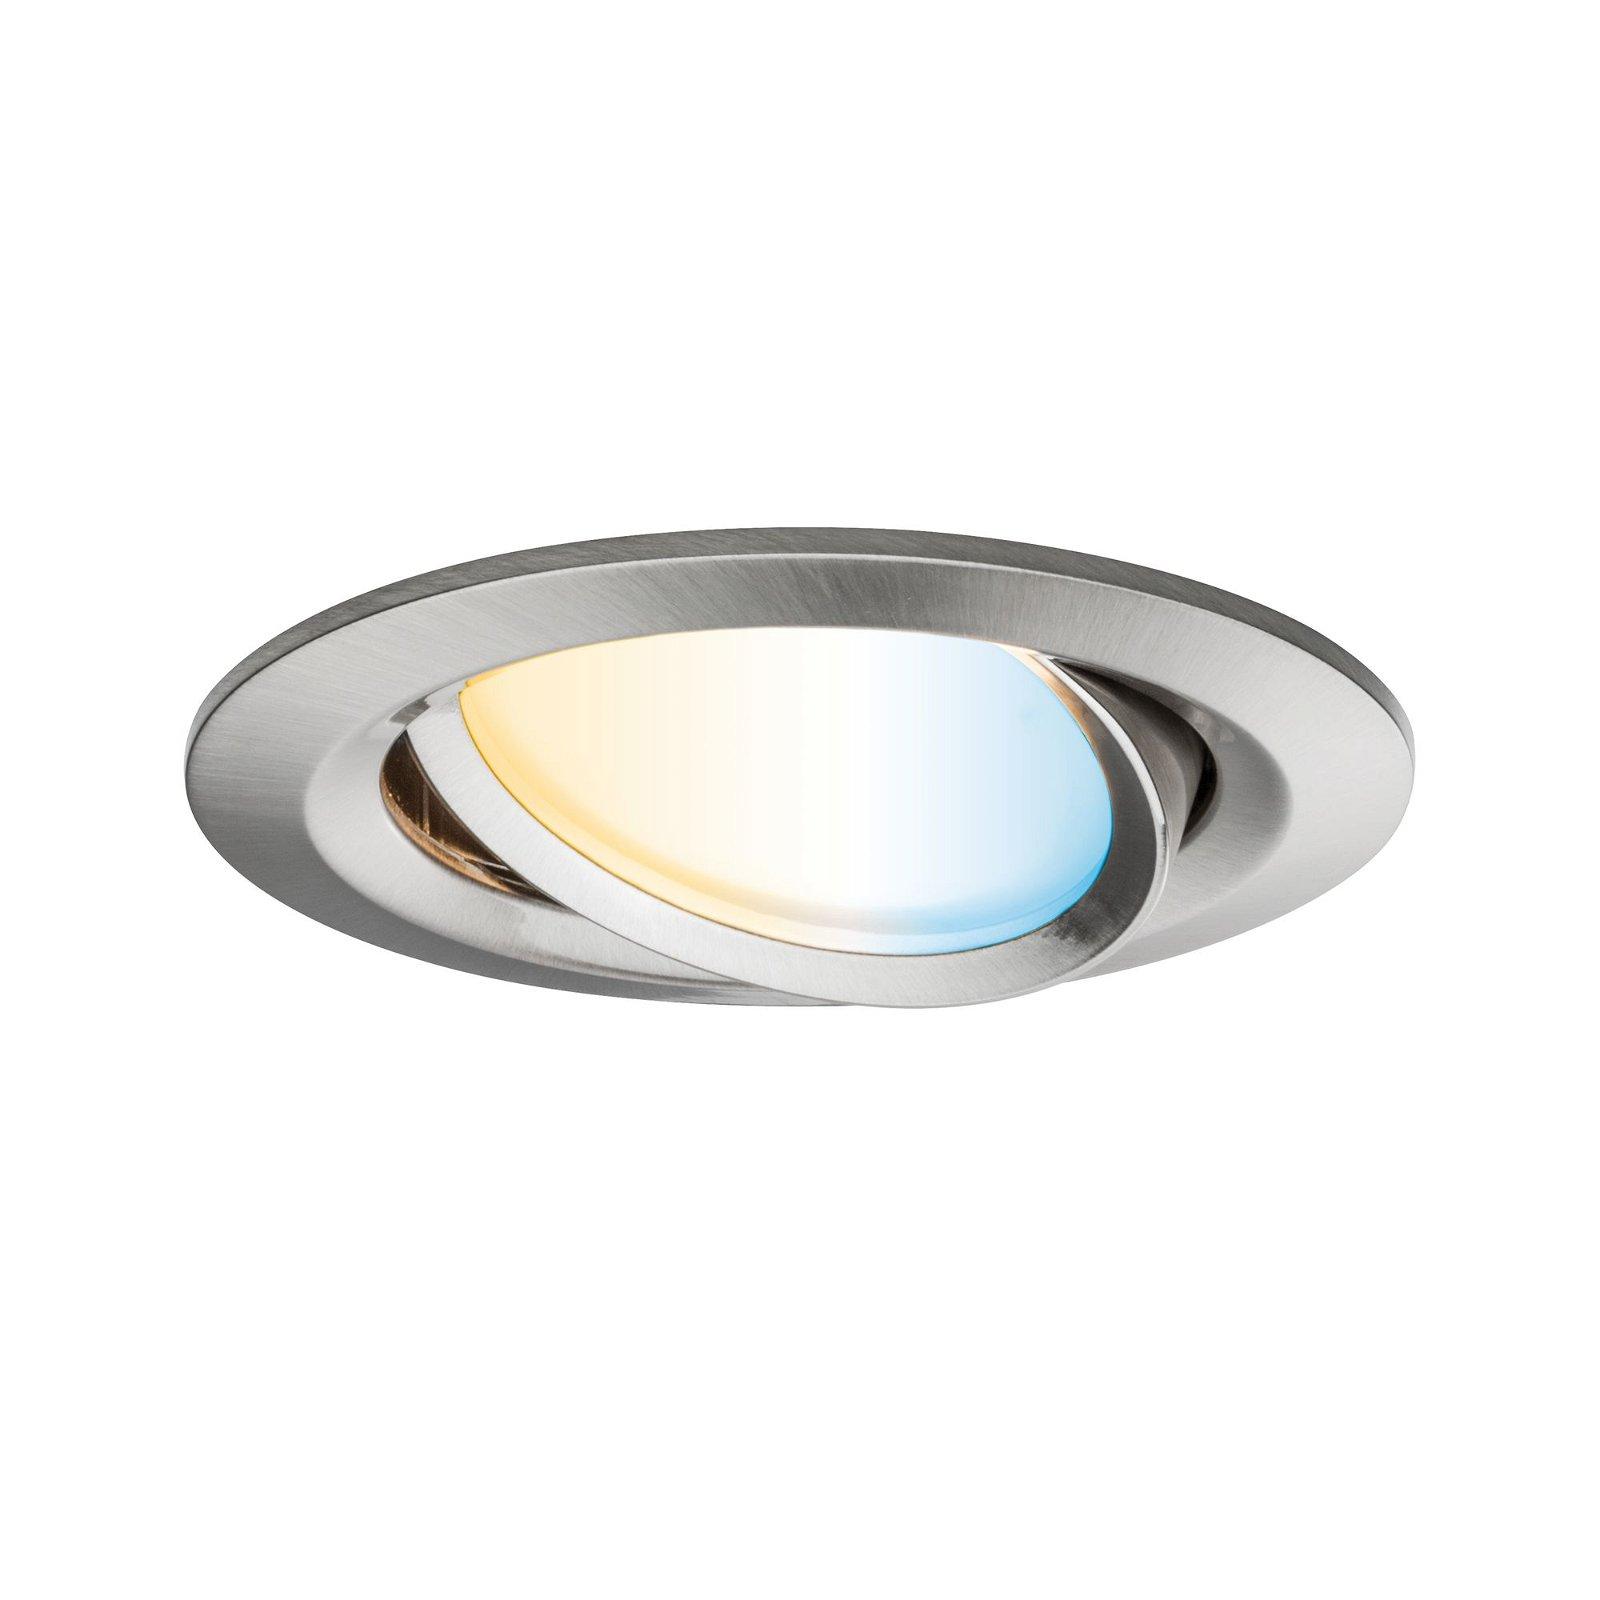 LED Einbauleuchte Smart Home Zigbee Nova Plus Coin schwenkbar rund 84mm 50° Coin 6W 470lm 230V Tunable White Eisen gebürstet